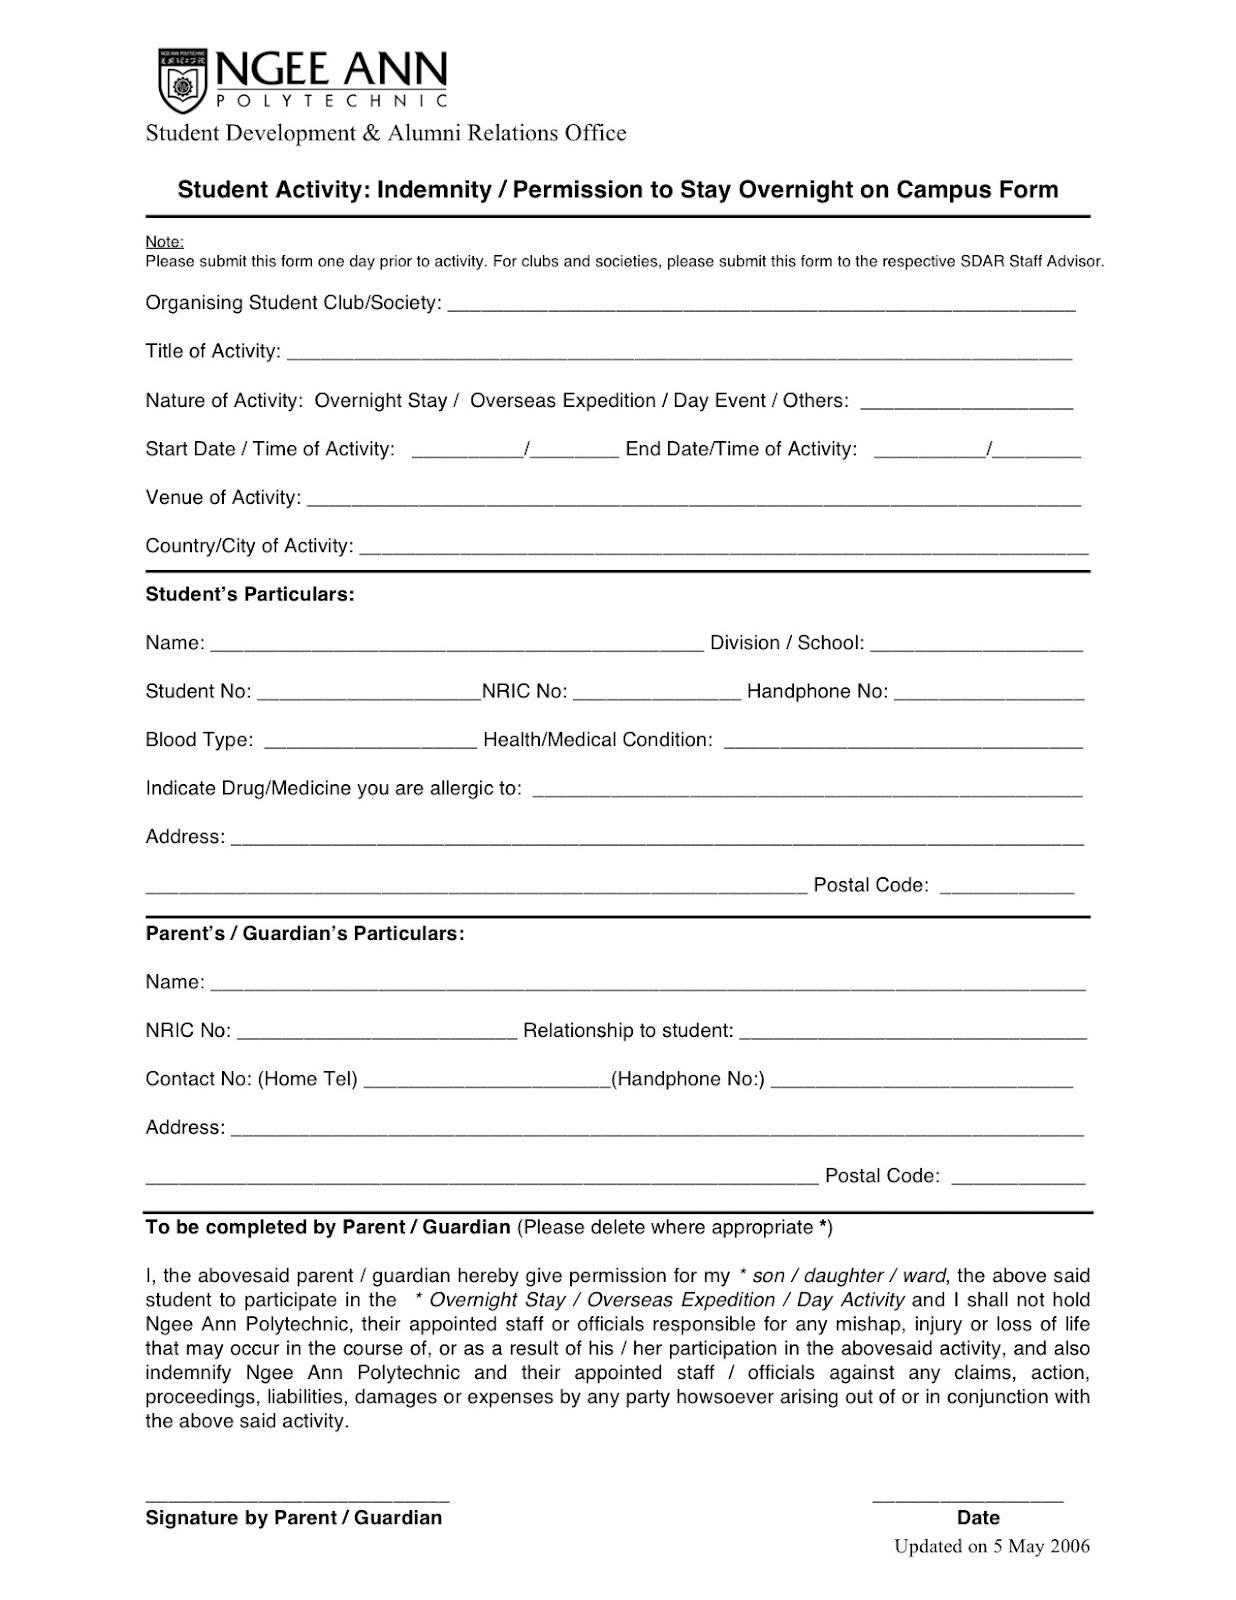 NP ARCHERY CLUB: Indemnity Form